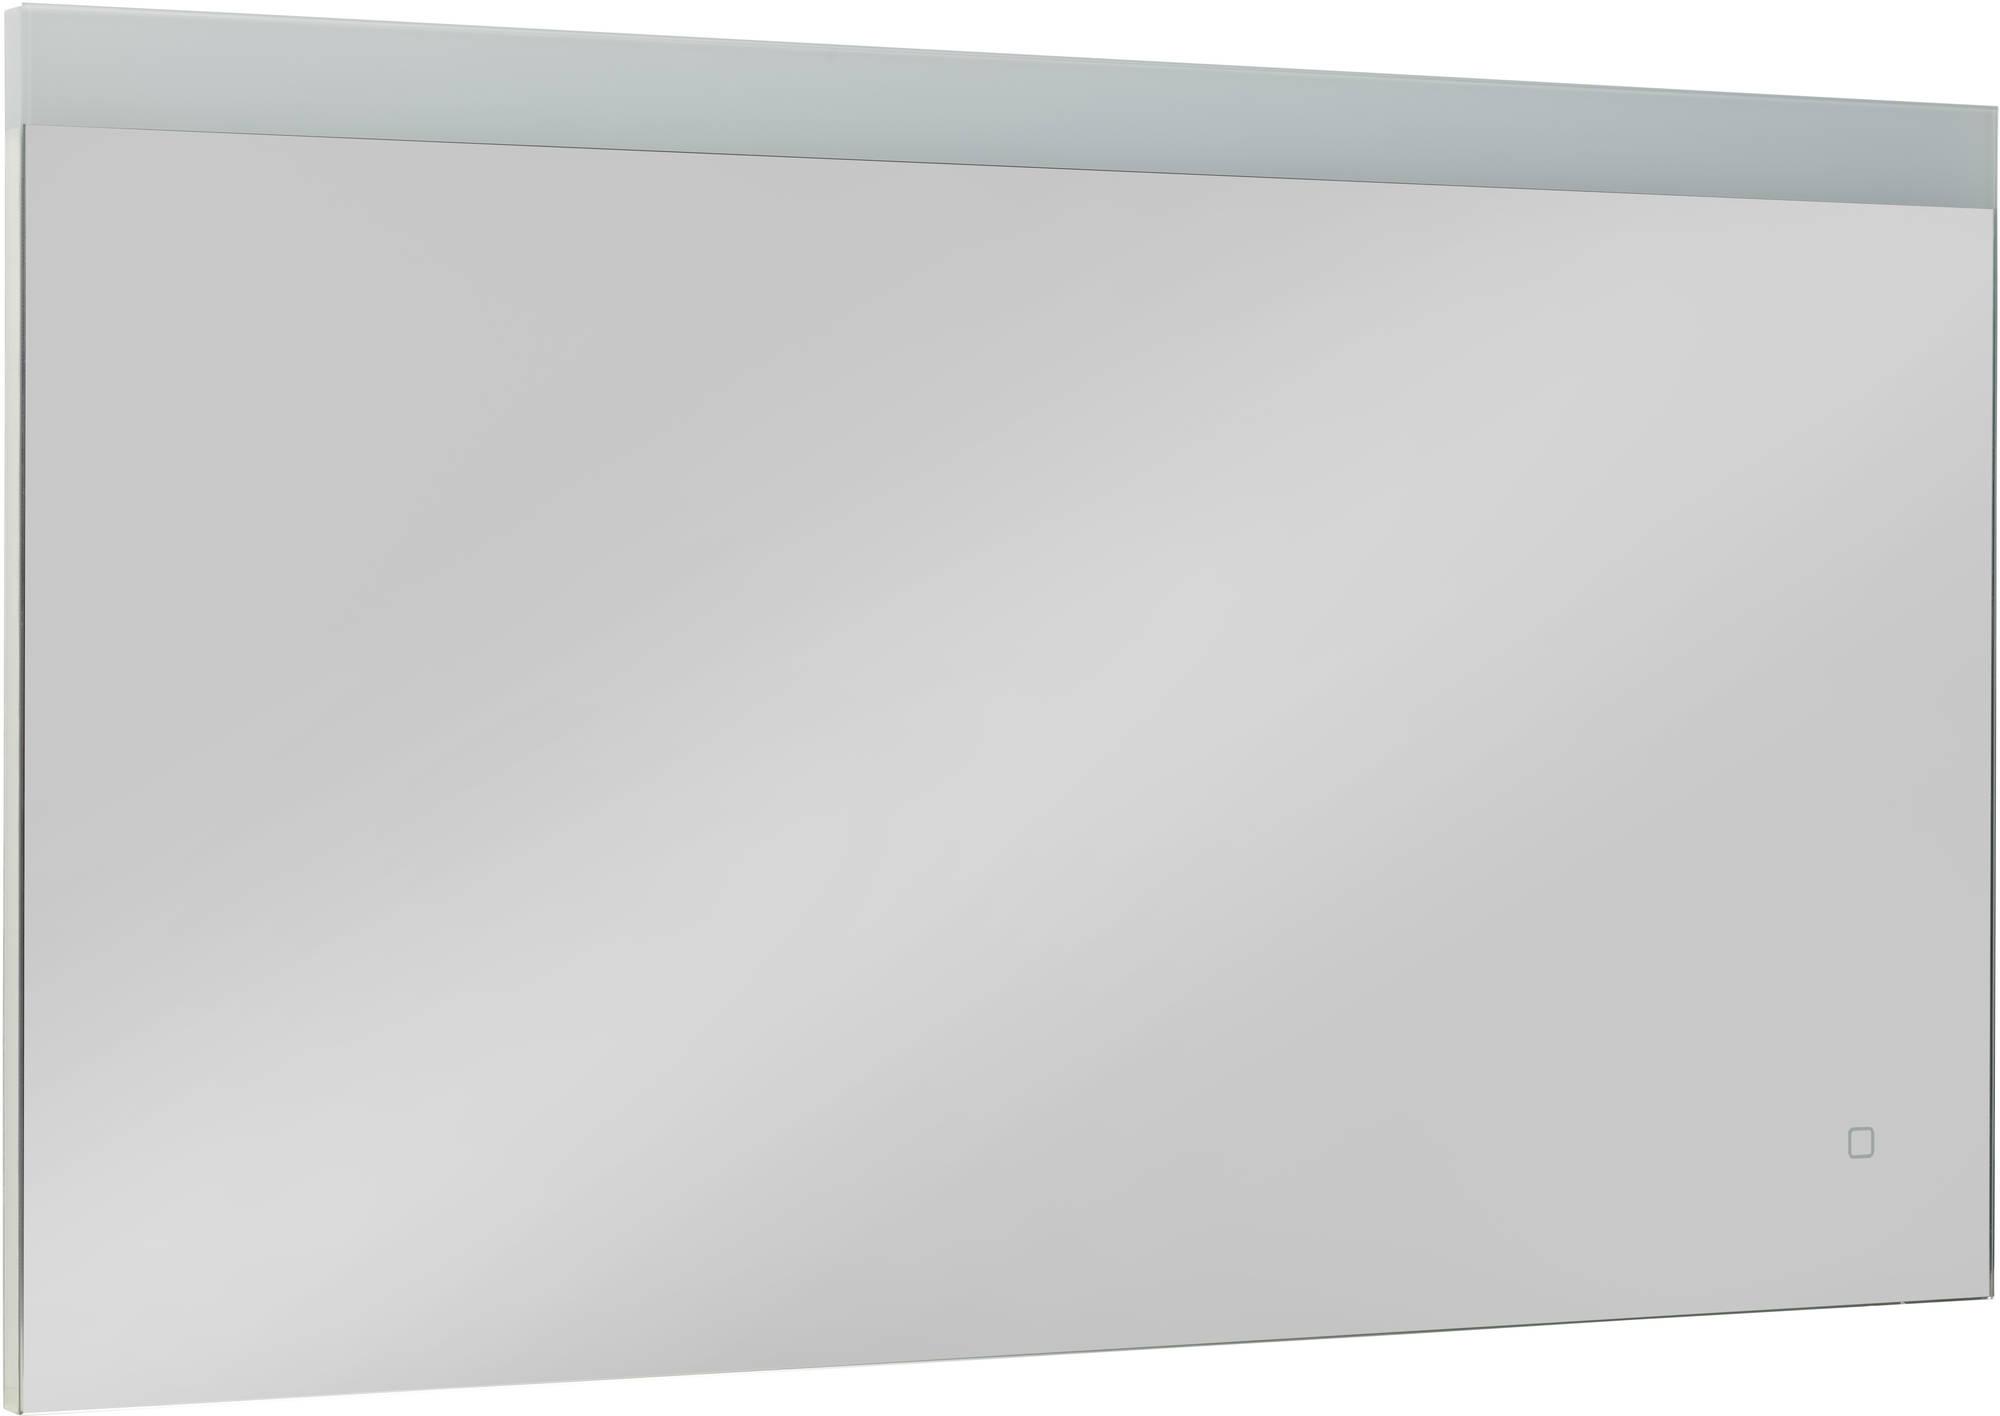 Ben Triton Spiegelpaneel met Touchbediening, Spiegelverwarming 100x3x70 cm